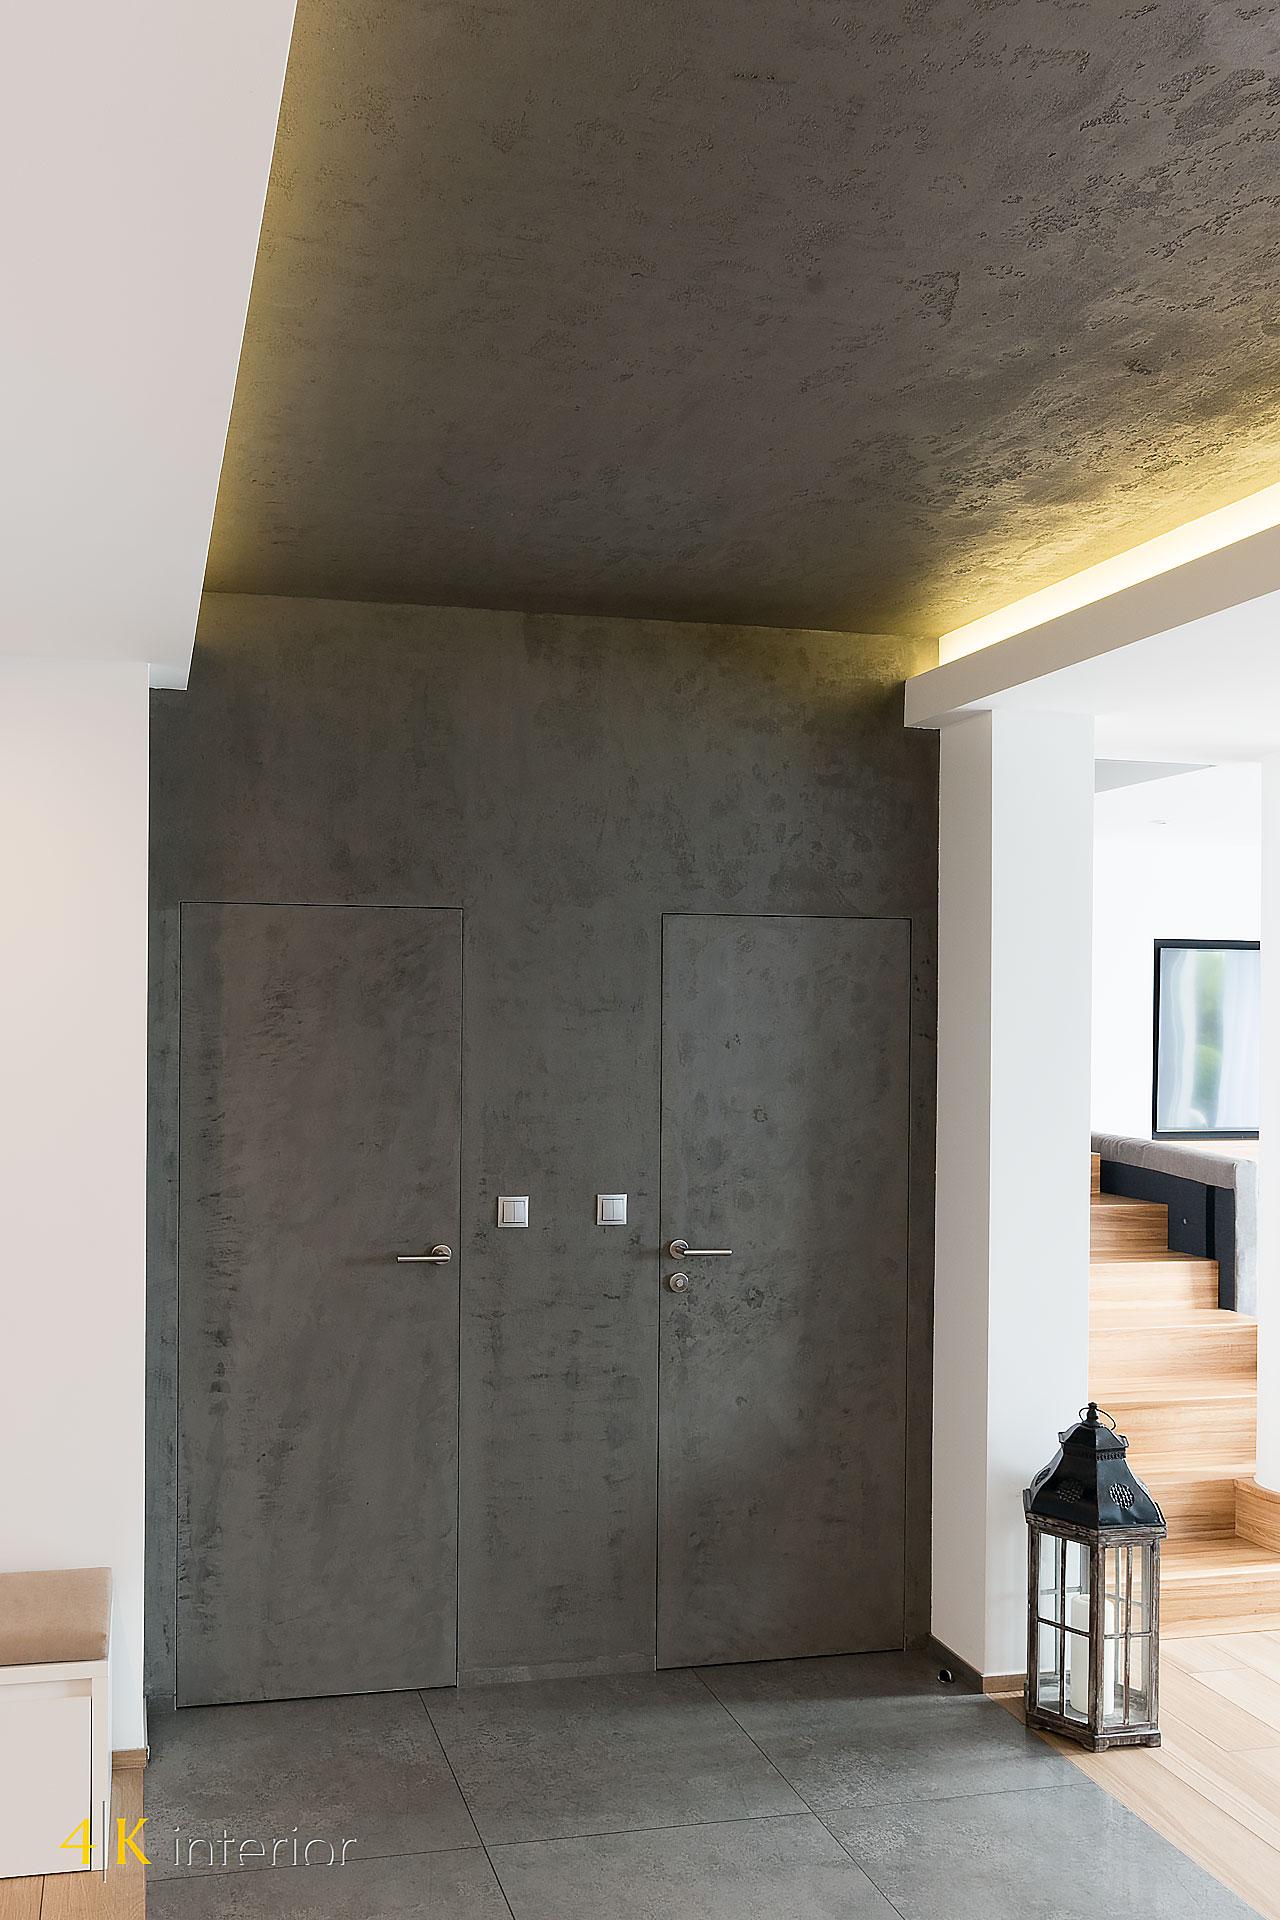 NOWOCZESNE-WNĘTRA-DOMU-Z-MOTYWEM-ELIPSY-10 dyskretne drzwi toalety i kotłowni